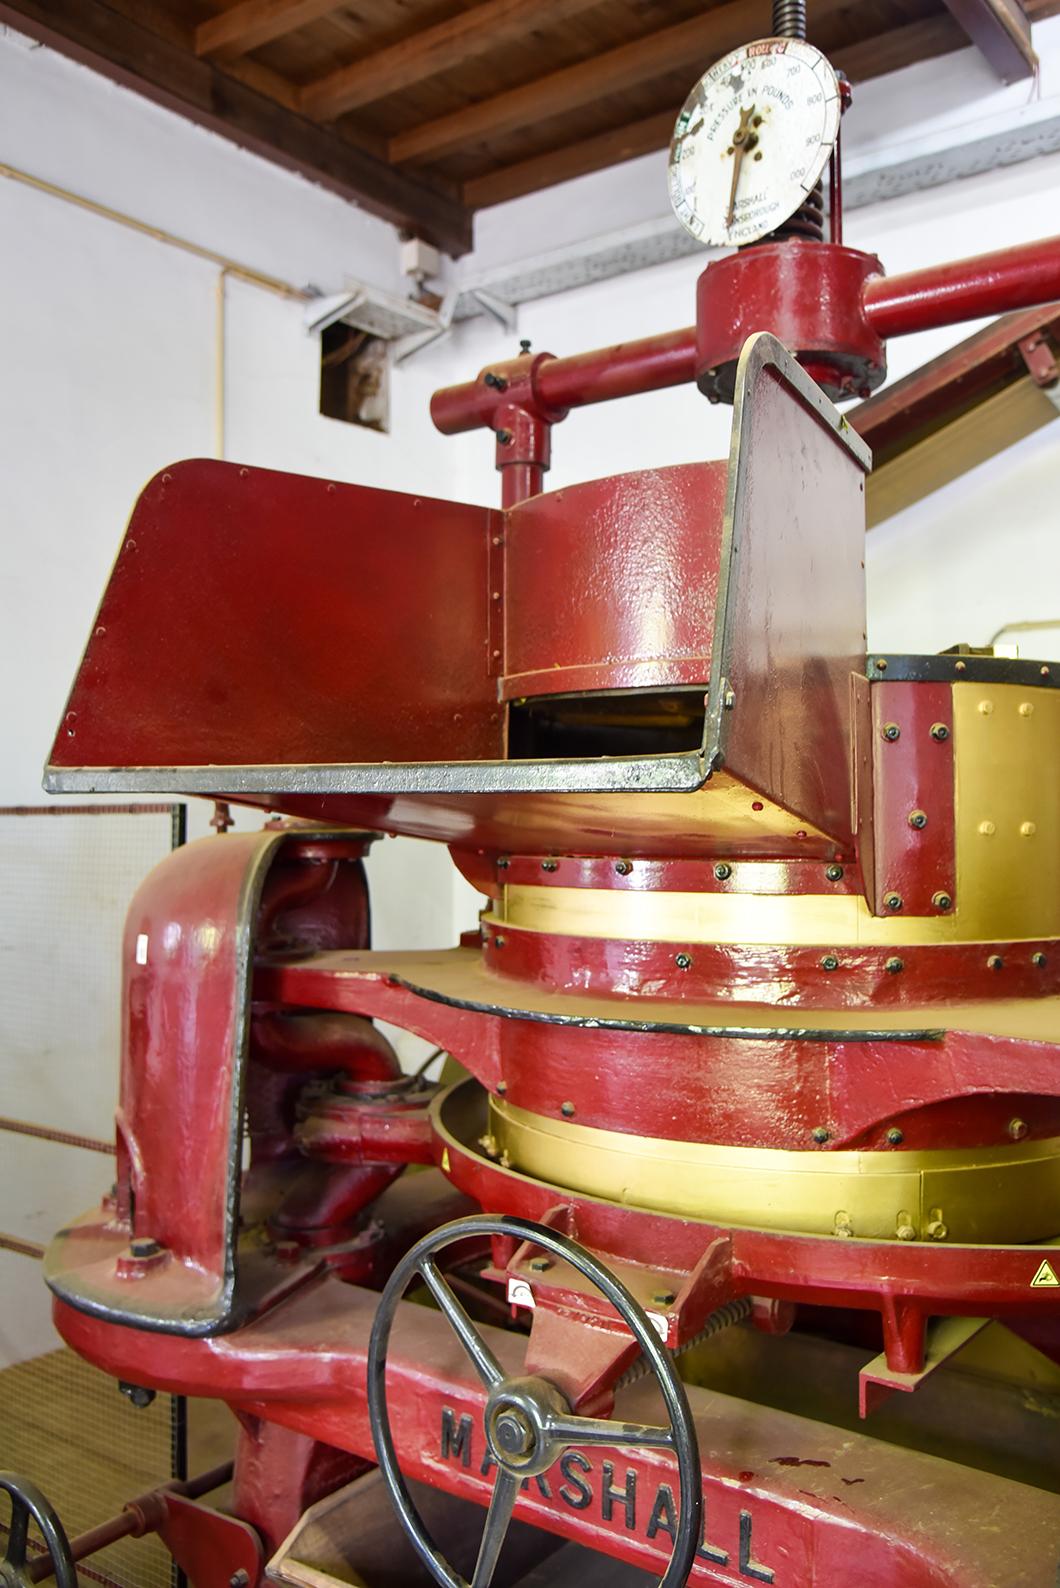 La fabrique Gorreana, visite à faire Sao Miguel dans les Açores